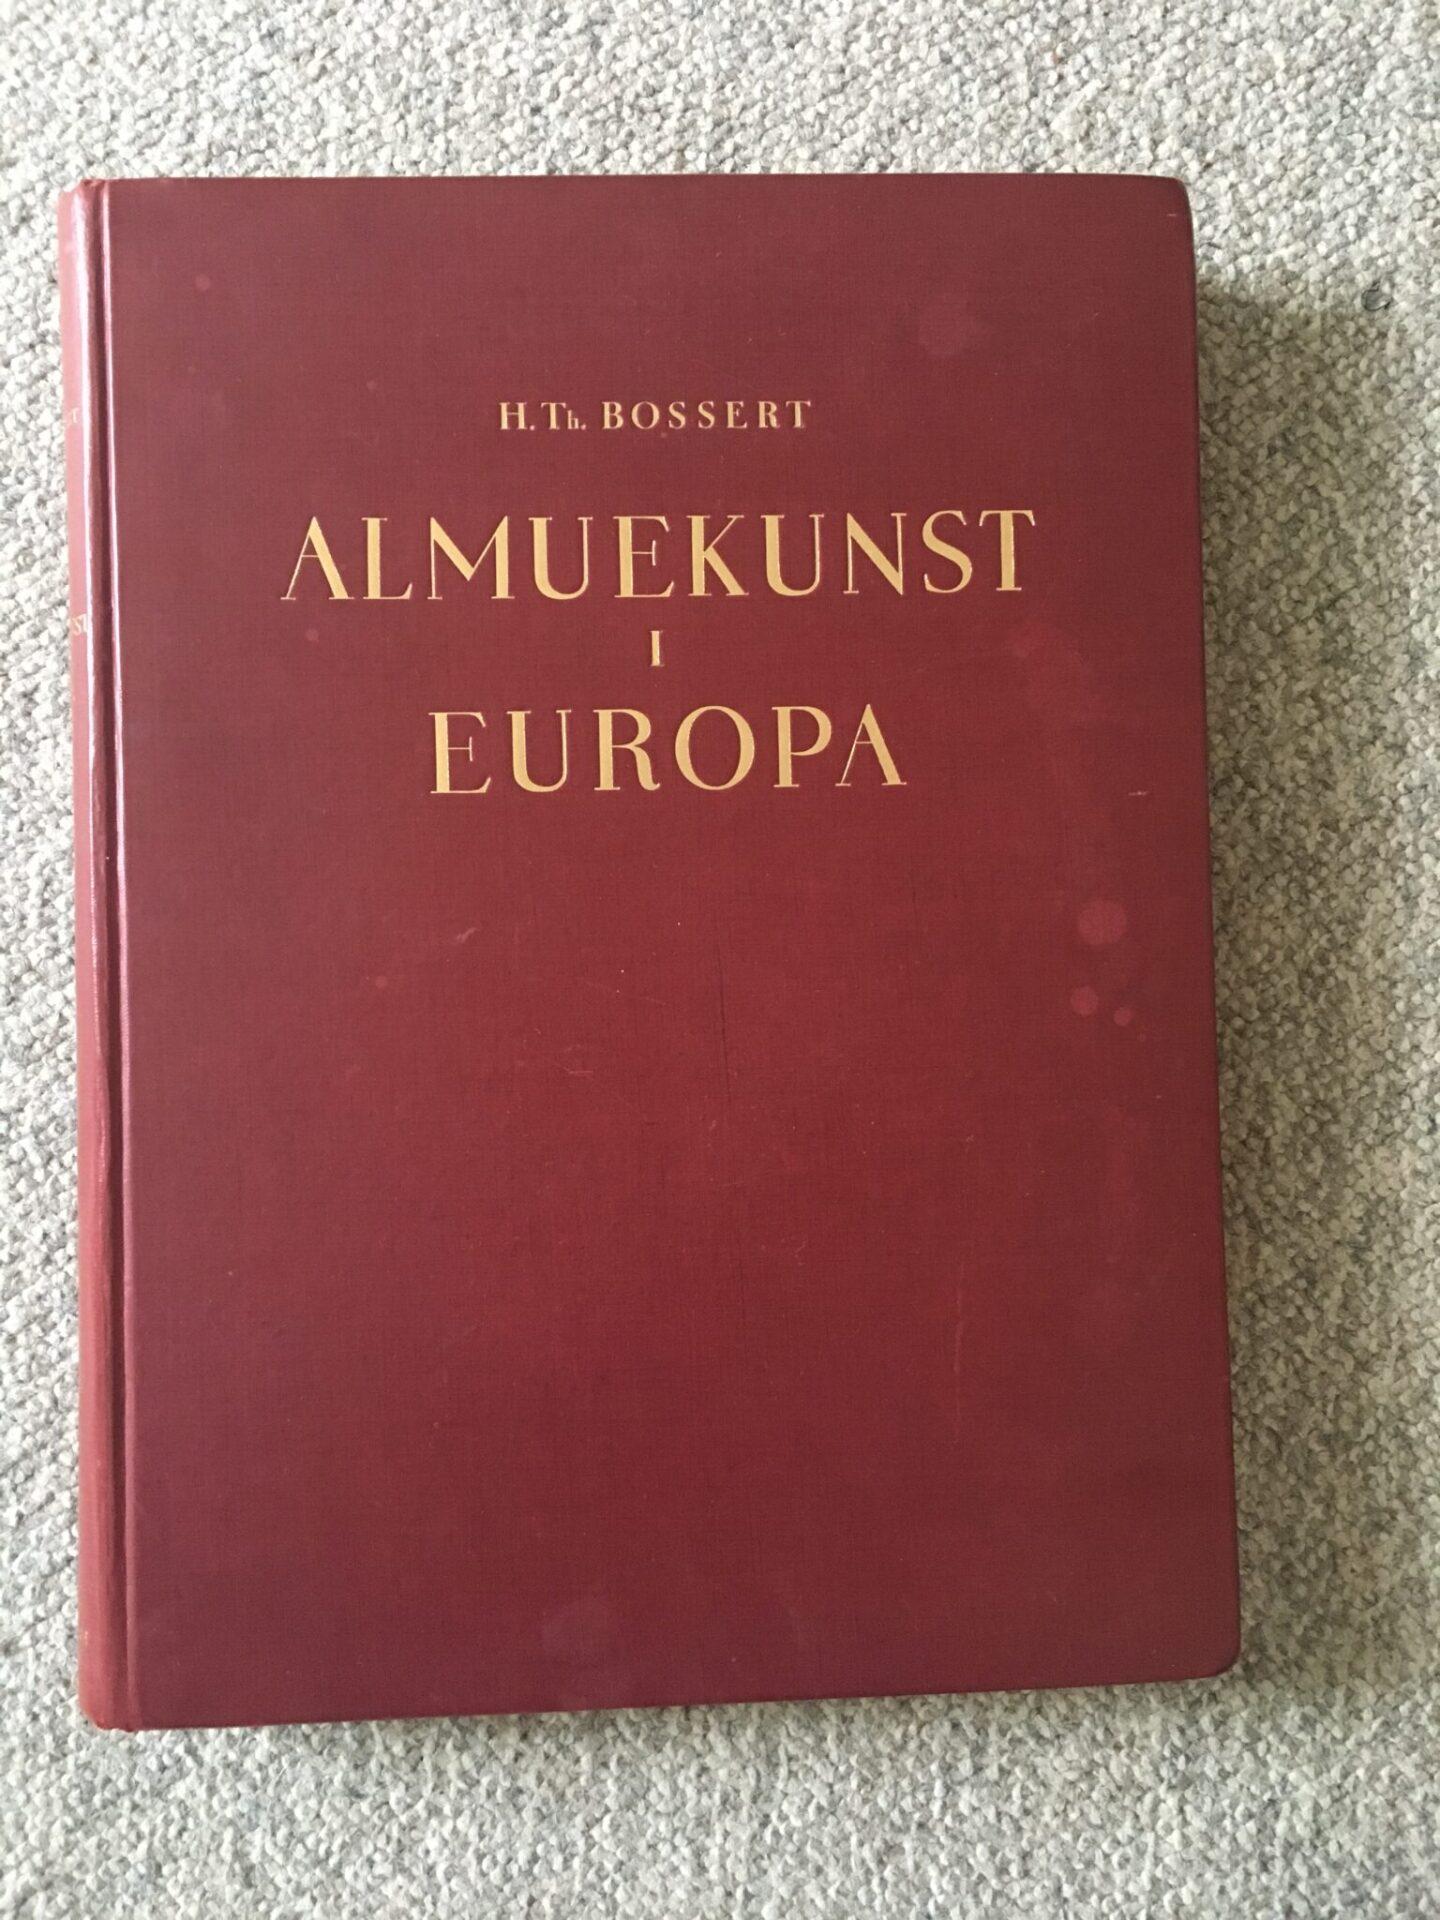 H.Th. Bossert, Almuekunst i Europa, pris 100kr